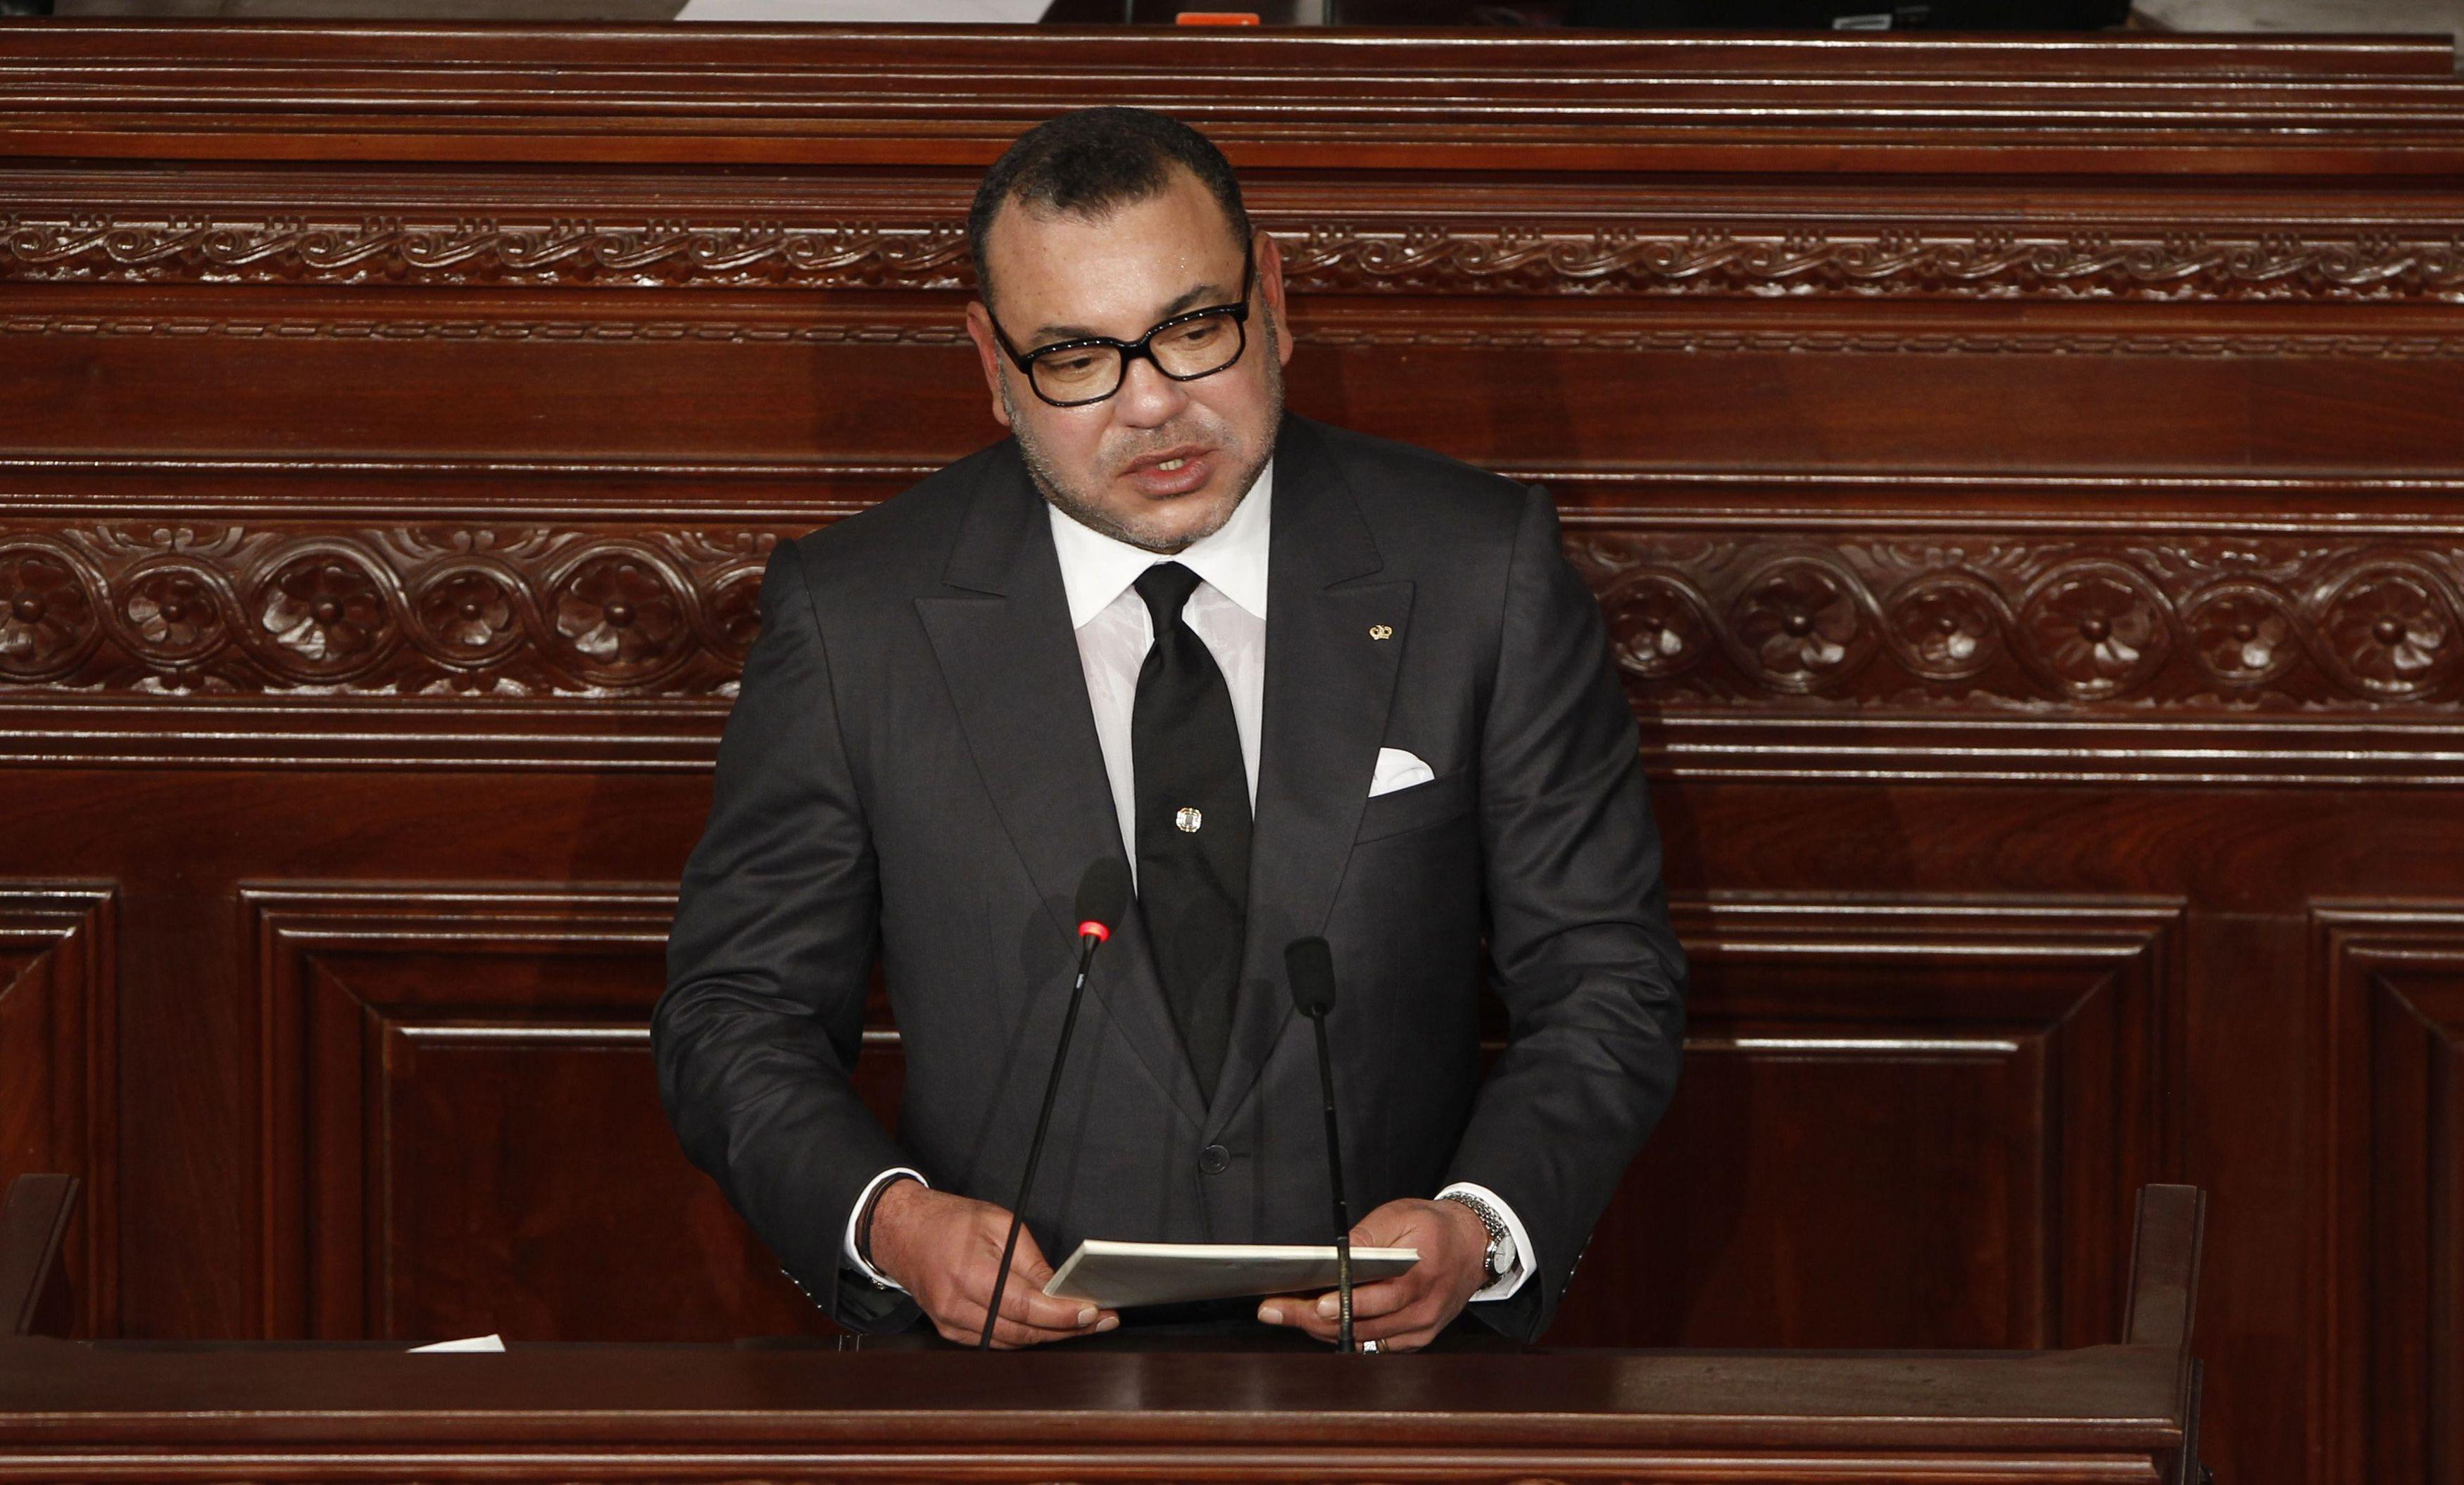 """Livre """"assassin"""" contre le roi du Maroc : quand le rapport de police en vient à se demander si les faits de chantage sont une pratique courante du journalisme d'investigation…"""